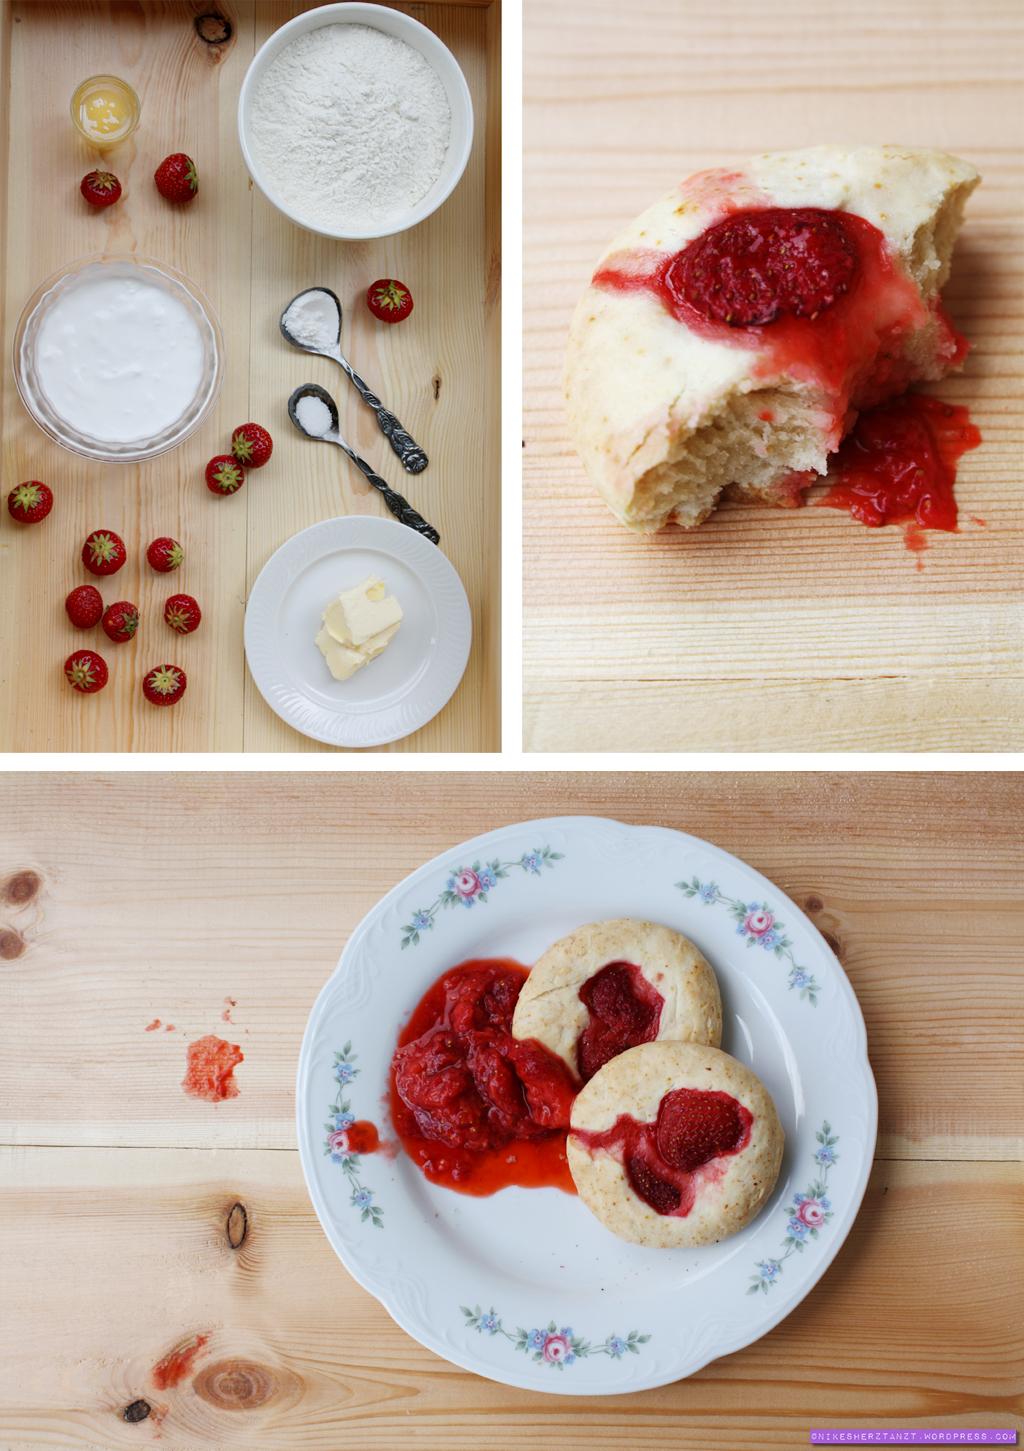 erdbeer scones mit erdbeermus